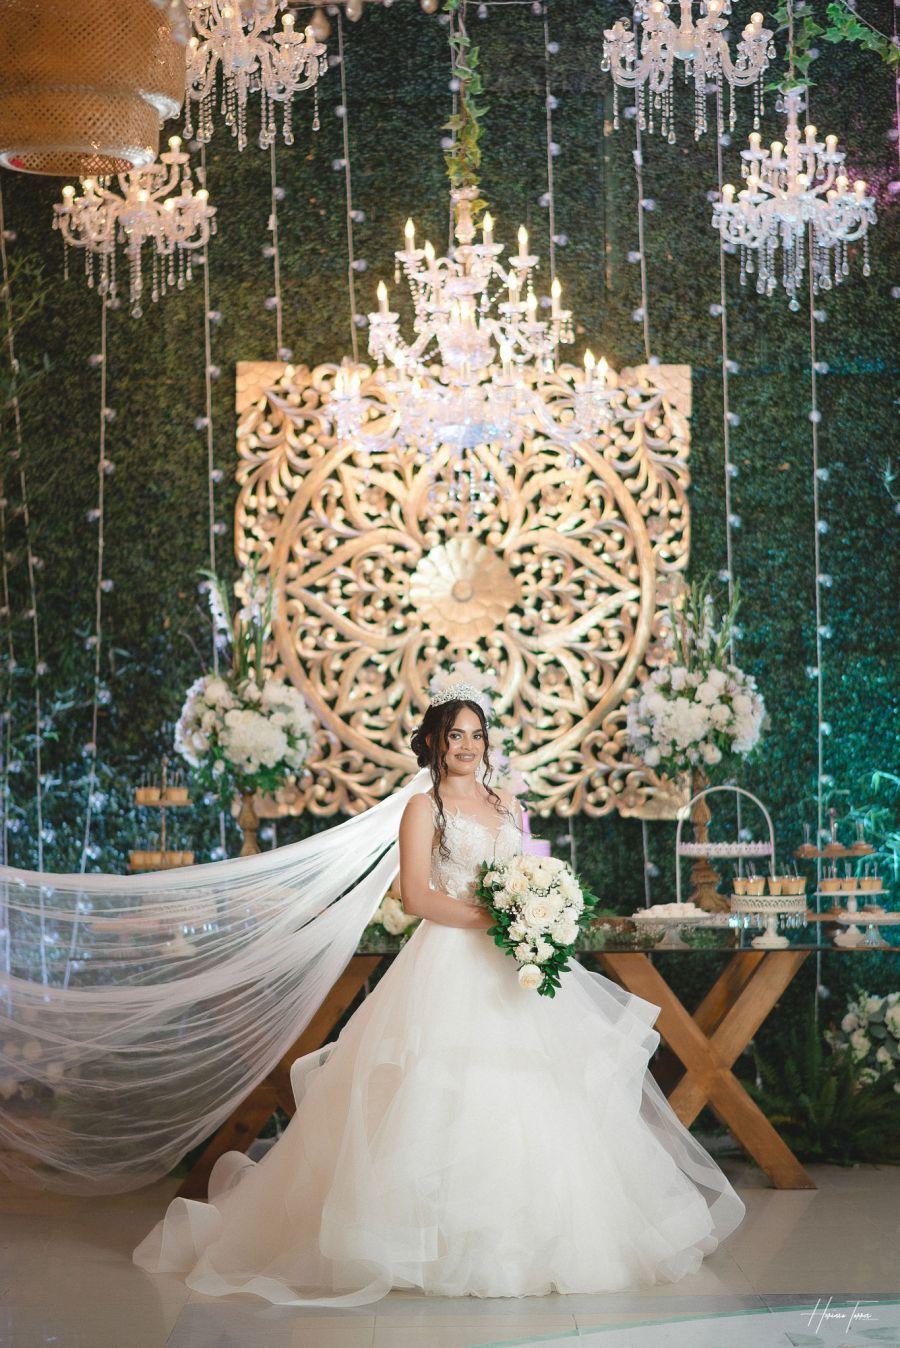 Venta de Vestidos de novias en república dominicana - Vigsel Store